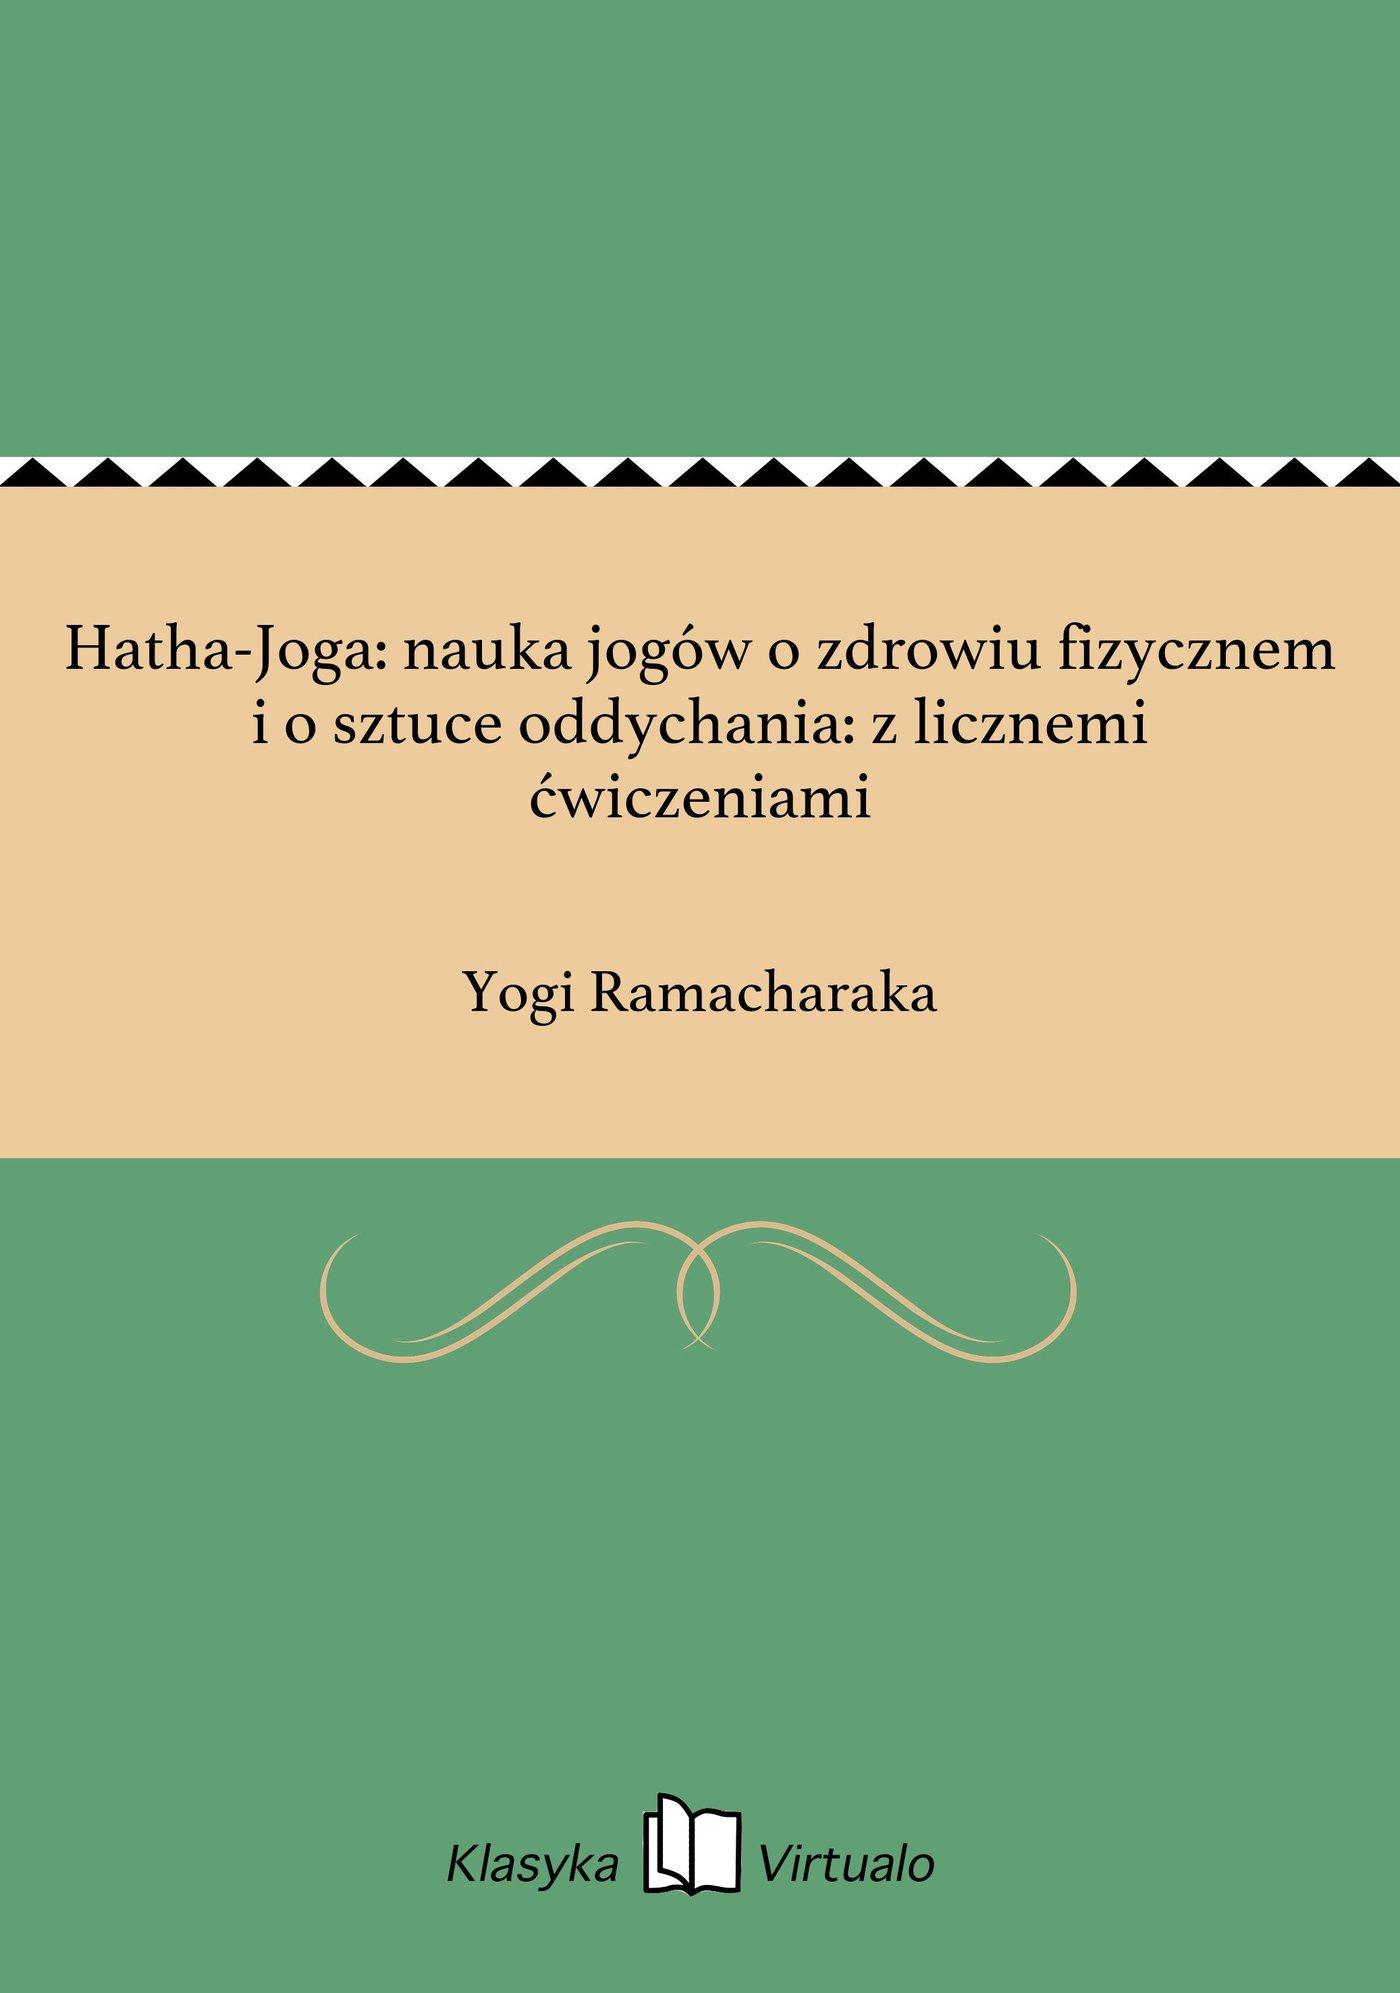 Hatha-Joga: nauka jogów o zdrowiu fizycznem i o sztuce oddychania: z licznemi ćwiczeniami - Ebook (Książka EPUB) do pobrania w formacie EPUB